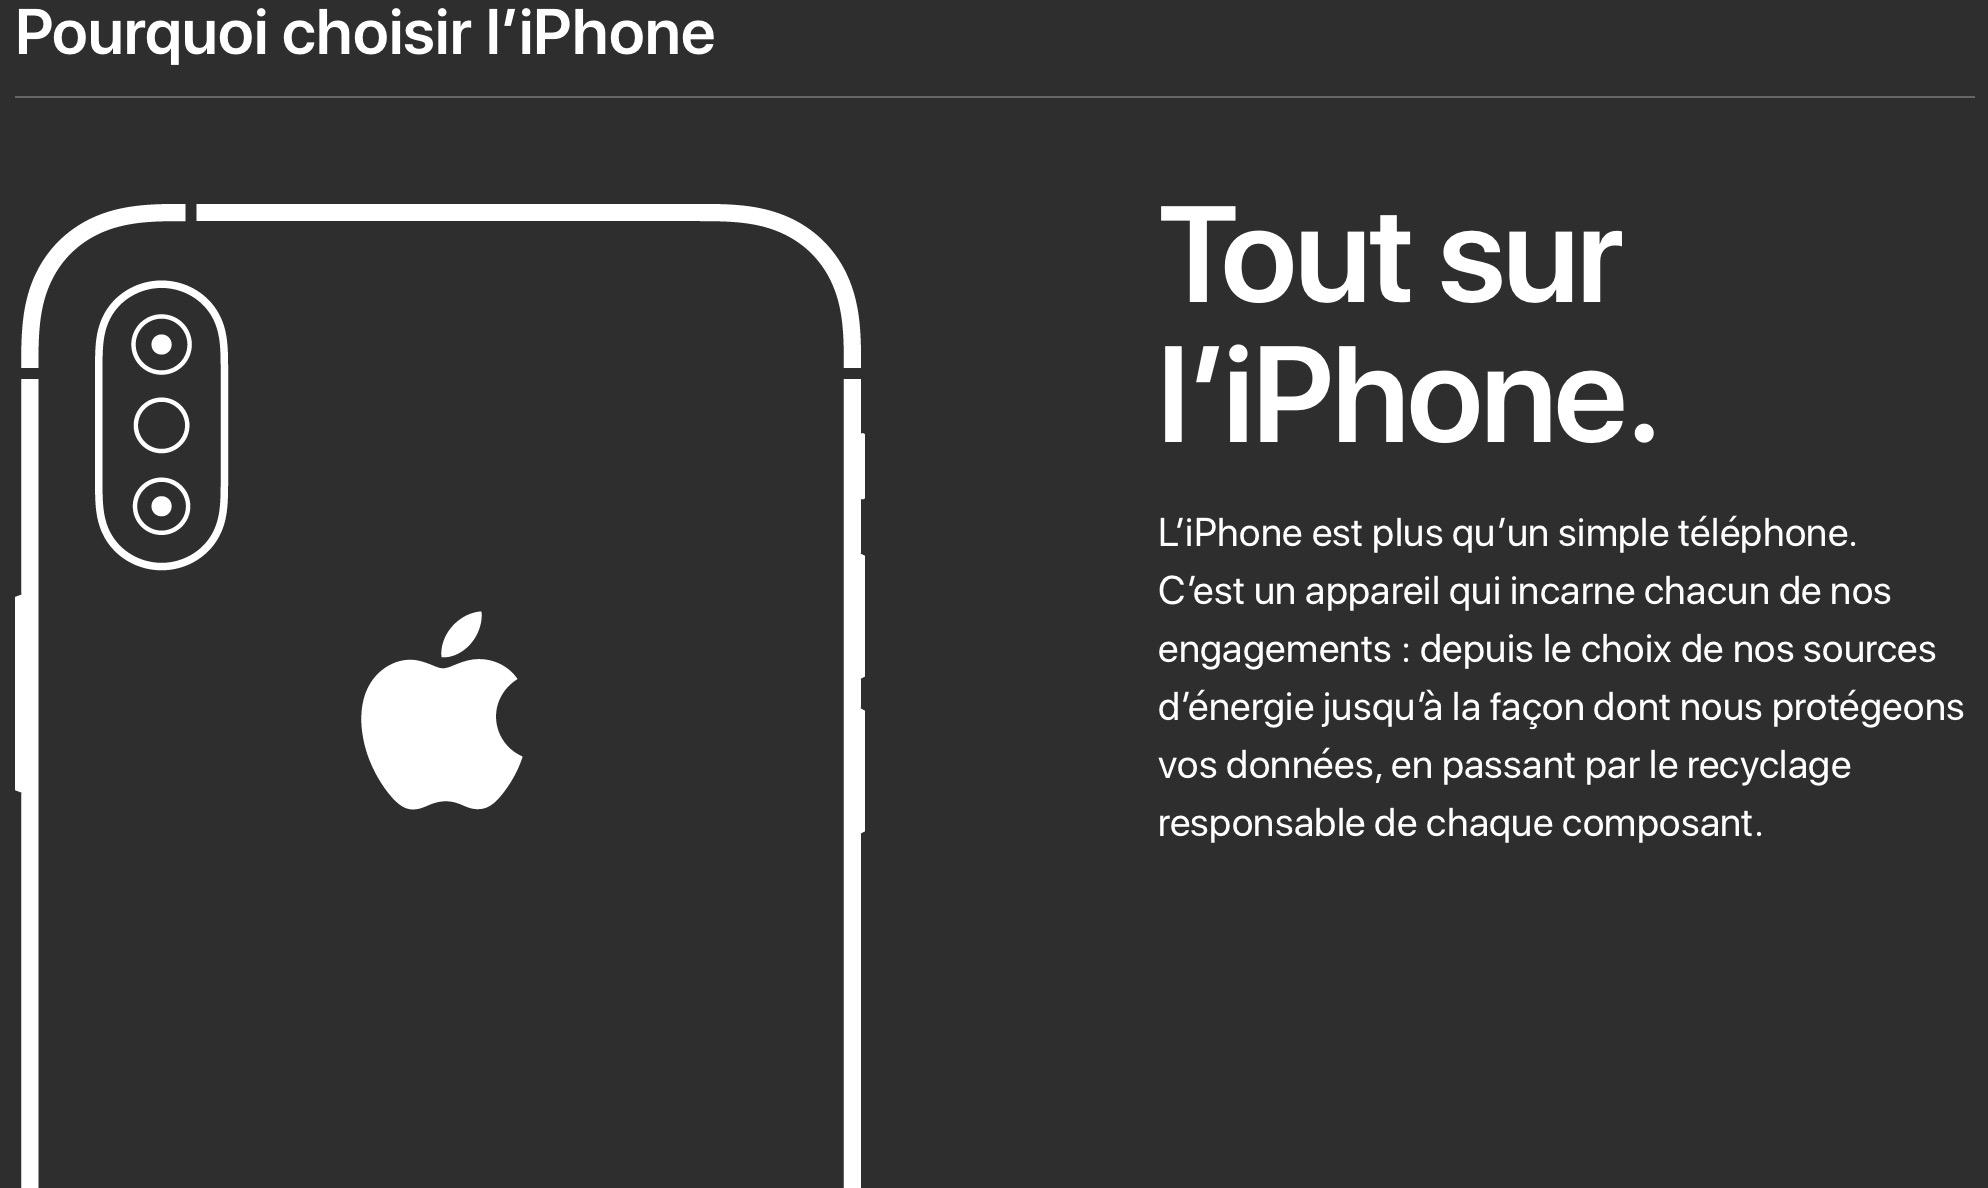 Vie privée et environnement : Apple réaffirme ses choix en images et en français 1